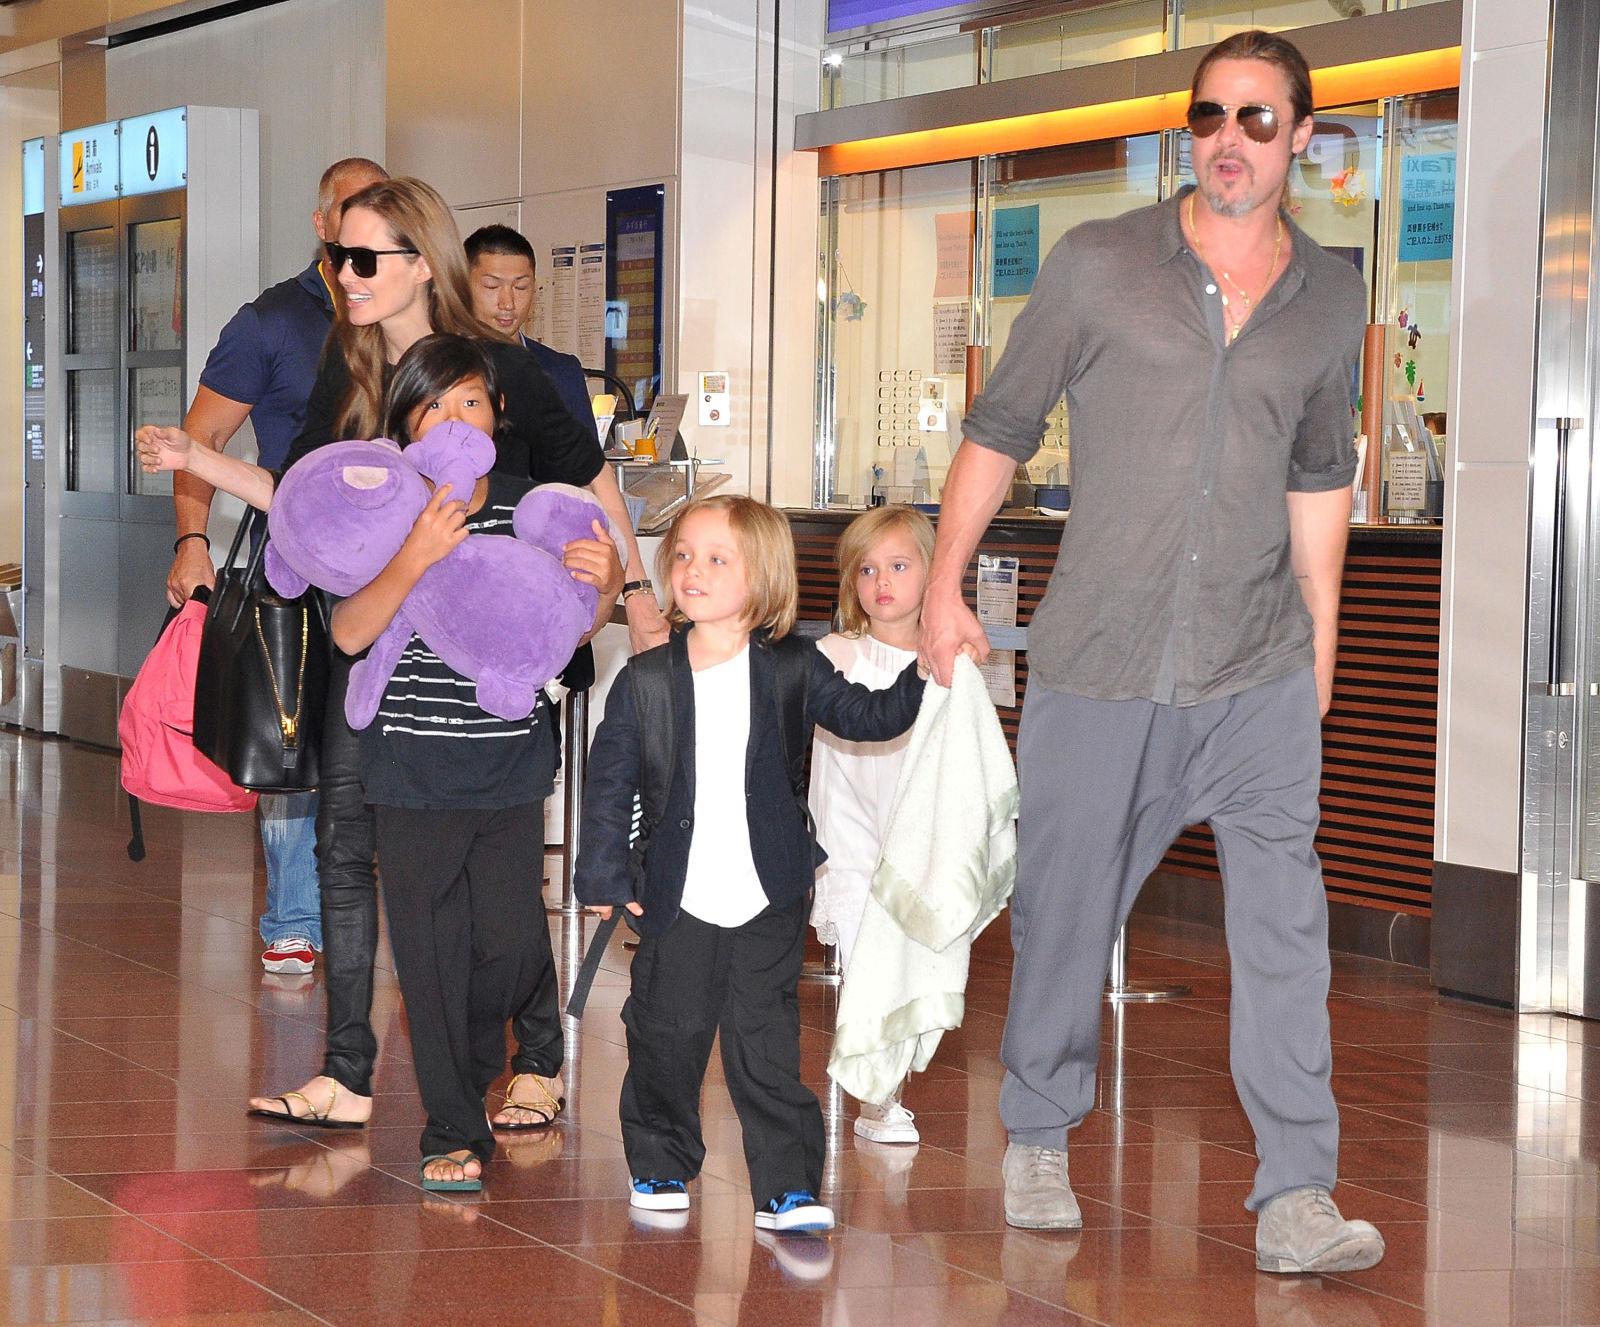 Анджелина Джоли и Брэд Питт Близнецам Вивьен и Ноксу по восемь лет. У них есть четверо братьев и сес